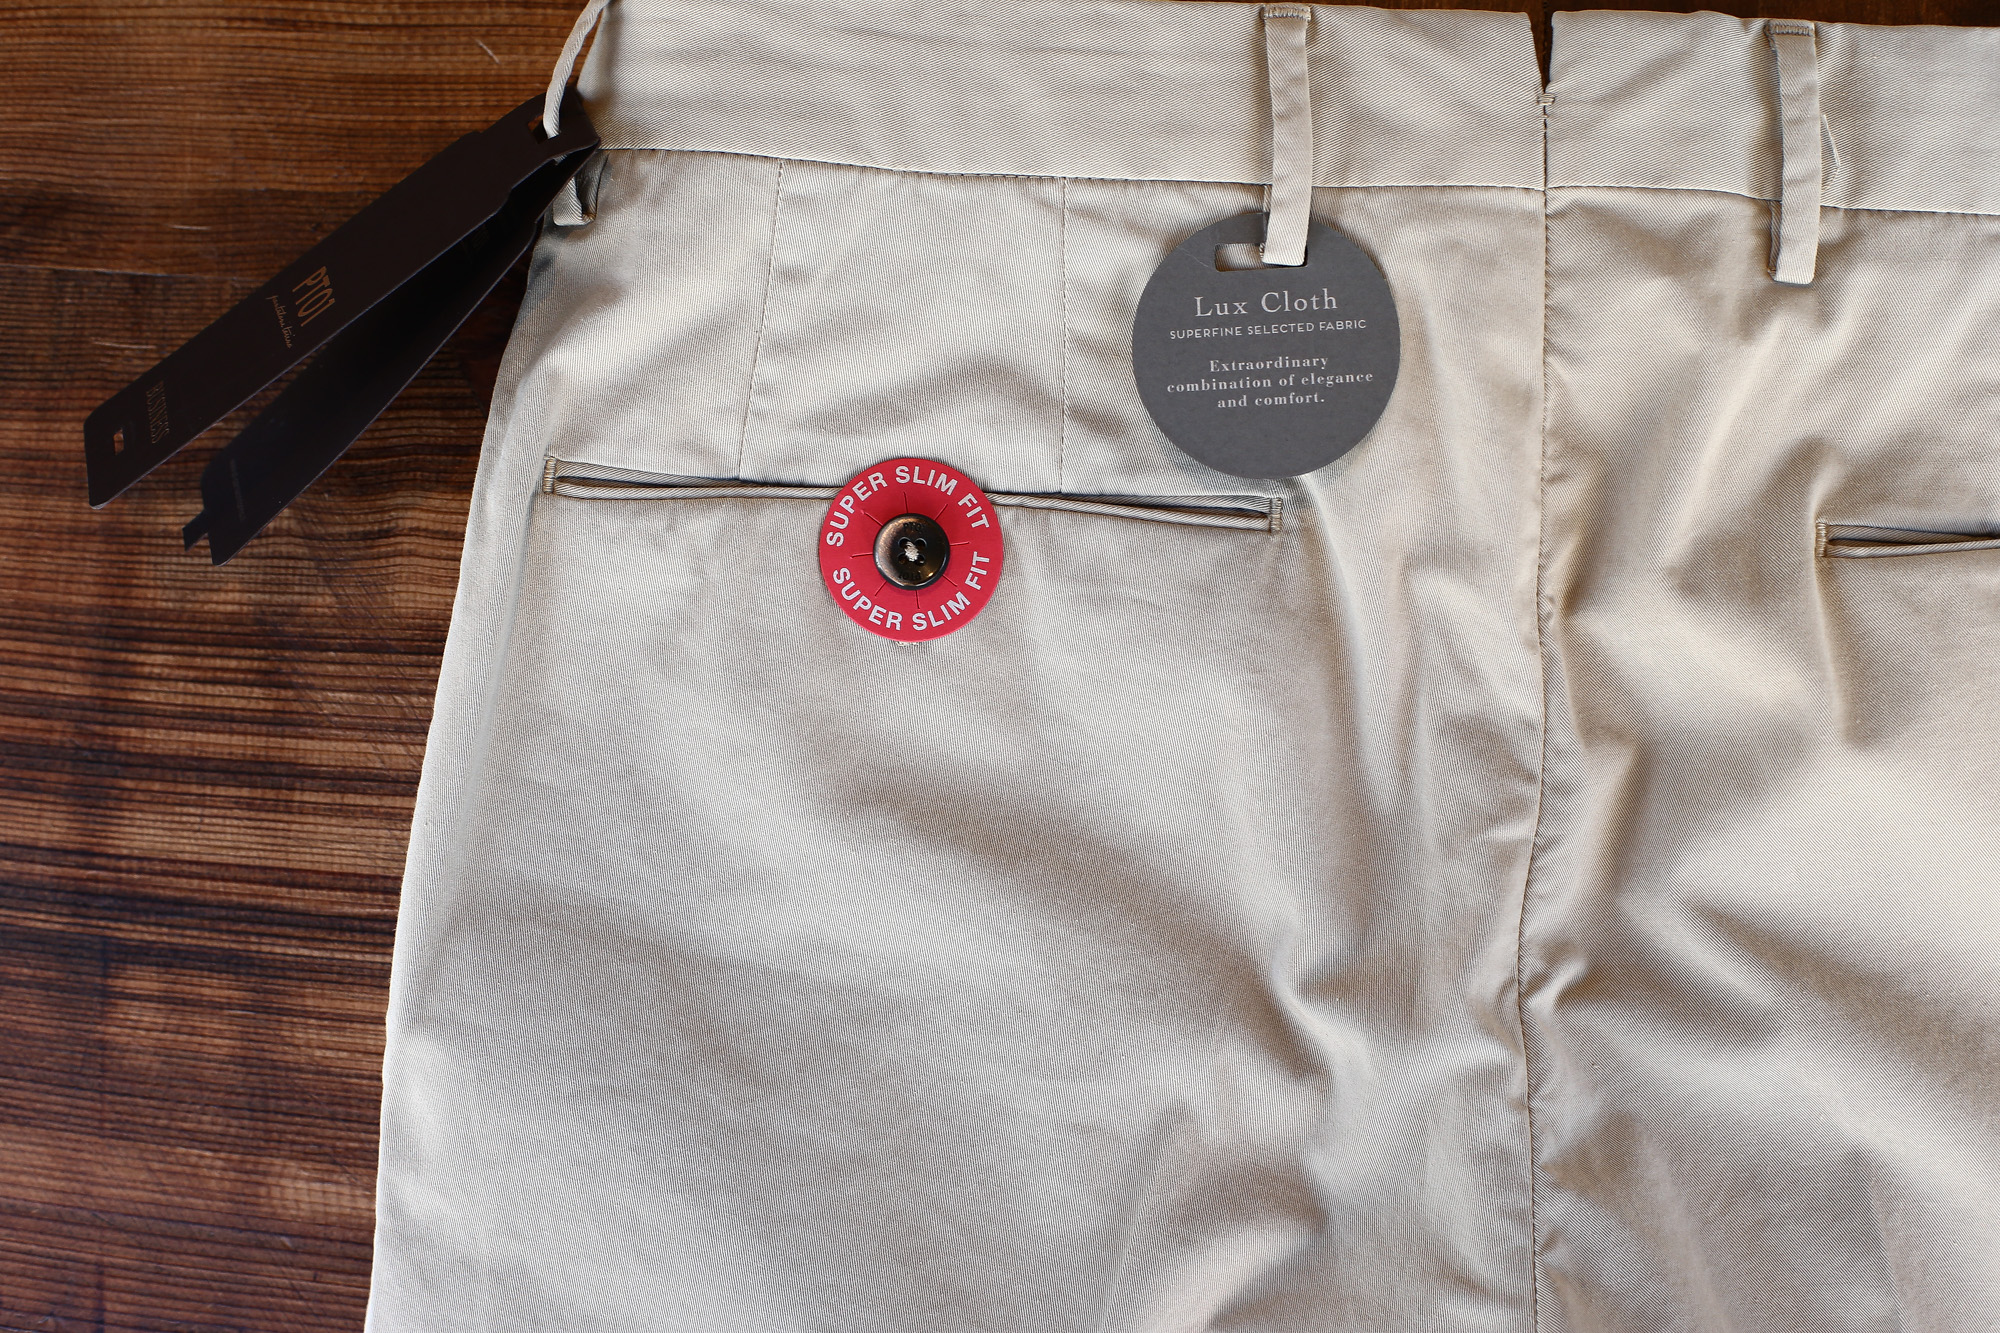 PT01 (ピーティーゼロウーノ) BUSINESS (ビジネス) SUPER SLIM FIT (スーパースリムフィット) Lux Cloth ストレッチ コットン スラックス パンツ BEIGE (ベージュ・0040)  2018 春夏新作 pt01 チノ チノパン チノスラックス 愛知 名古屋 Alto e Diritto アルト エ デリット